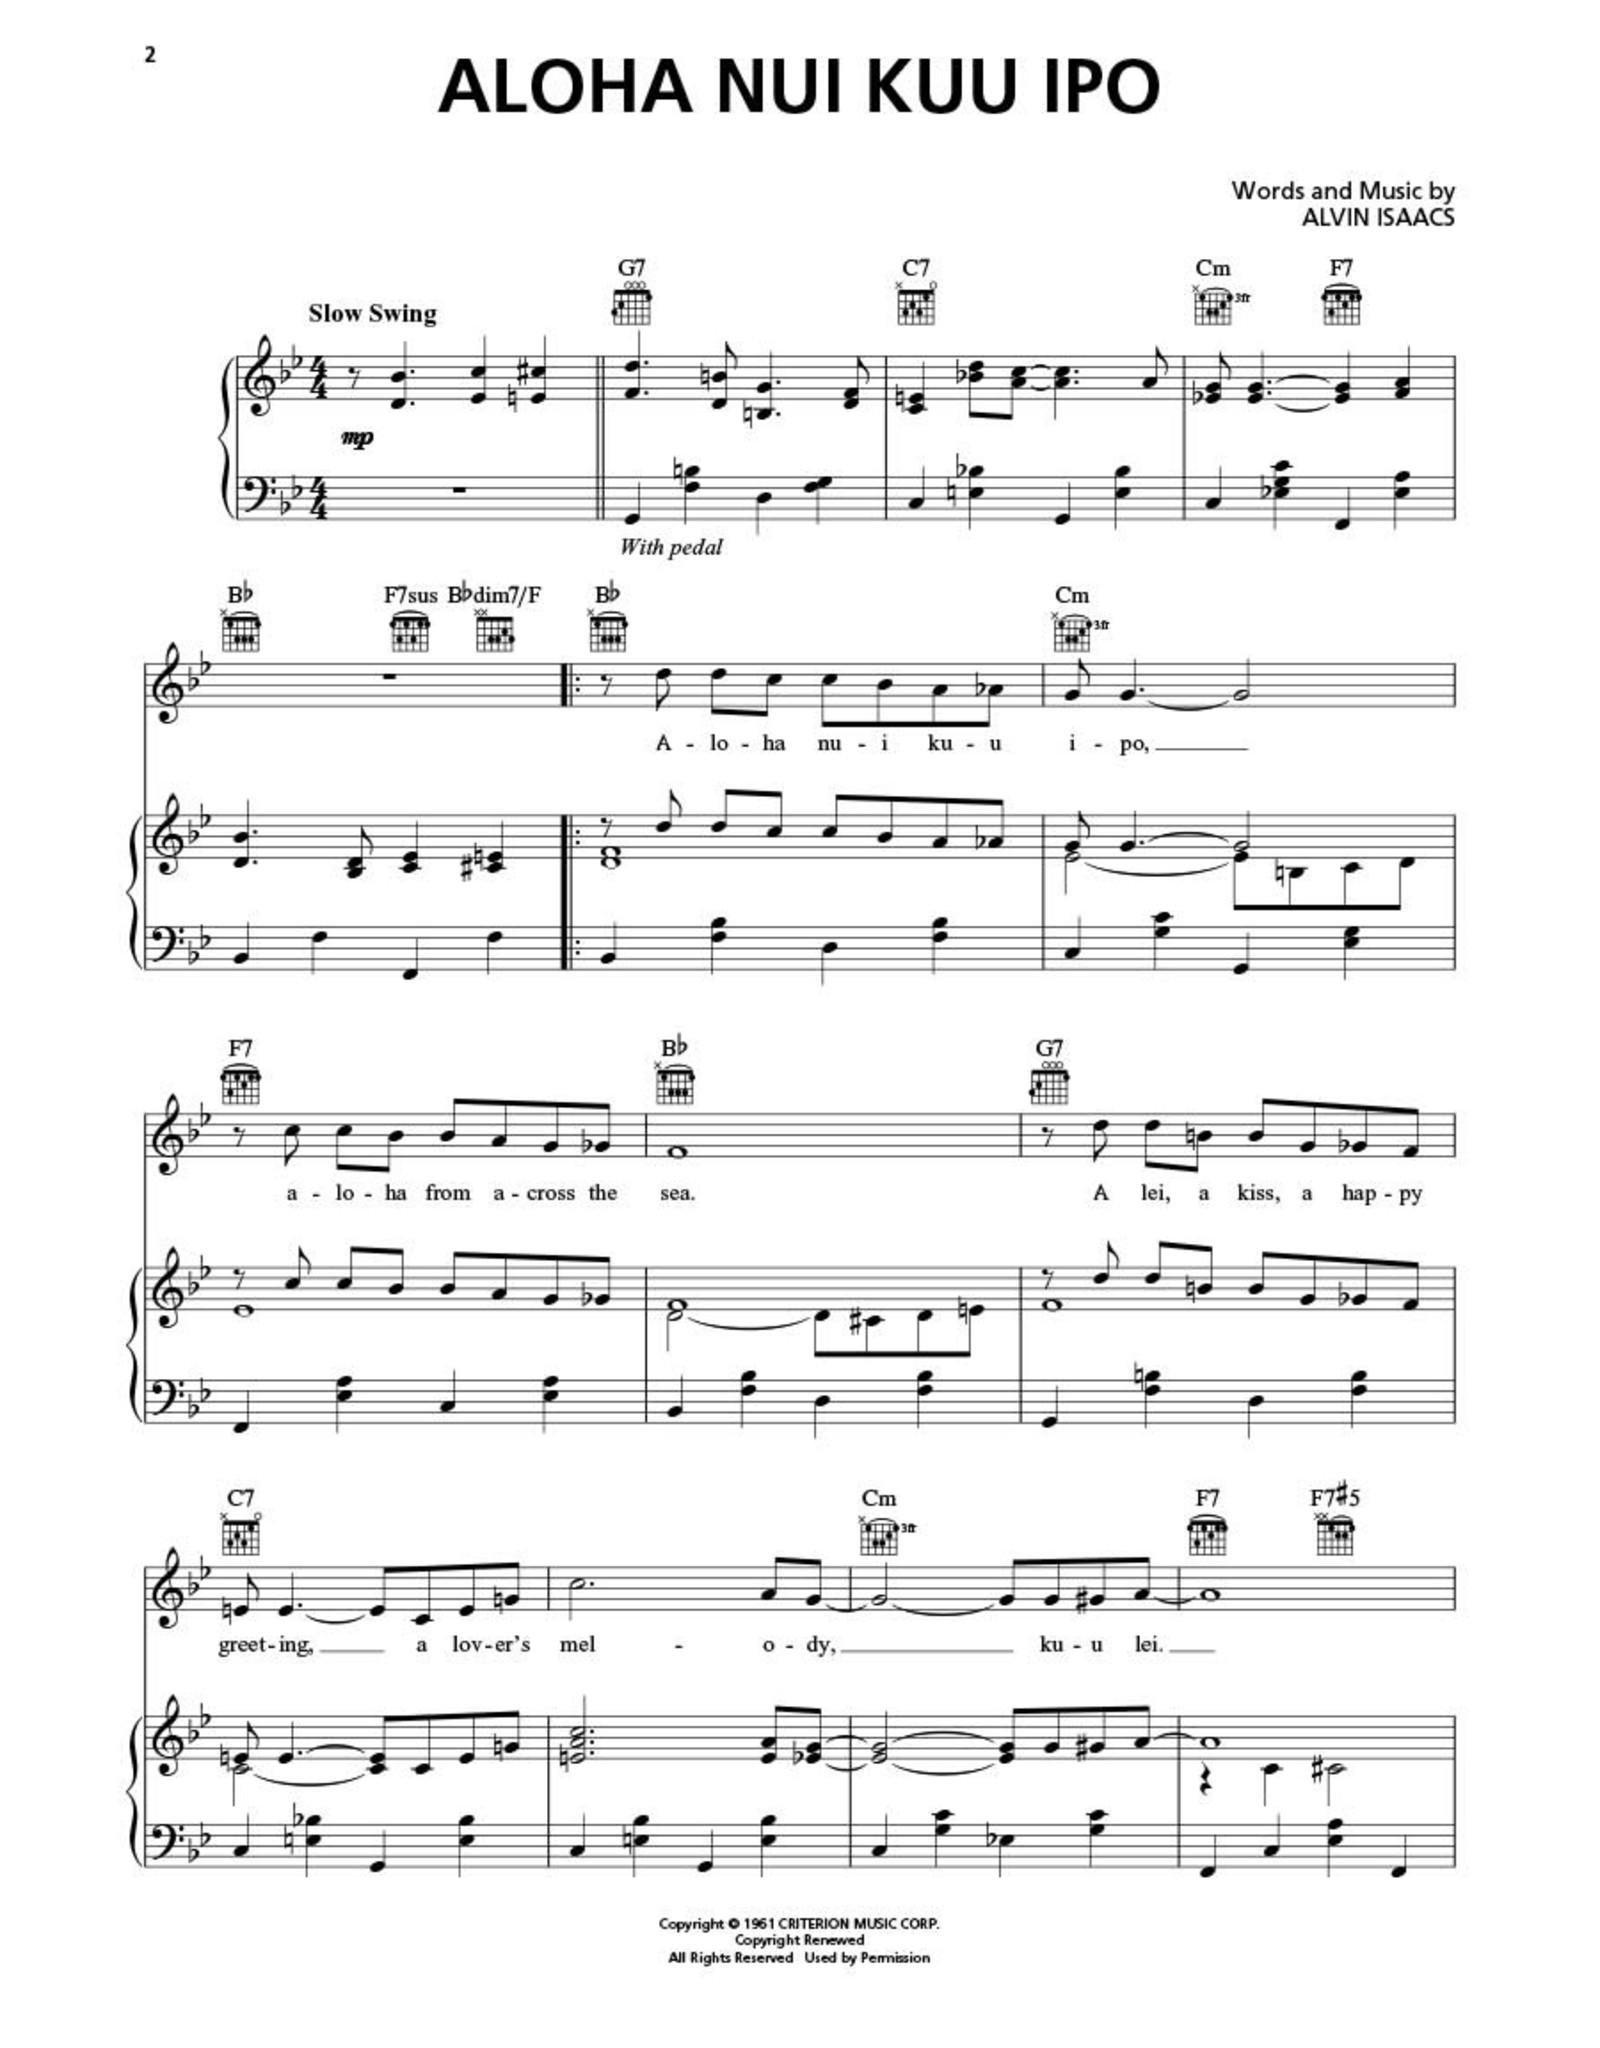 Hal Leonard Songs of Hawaii PVG